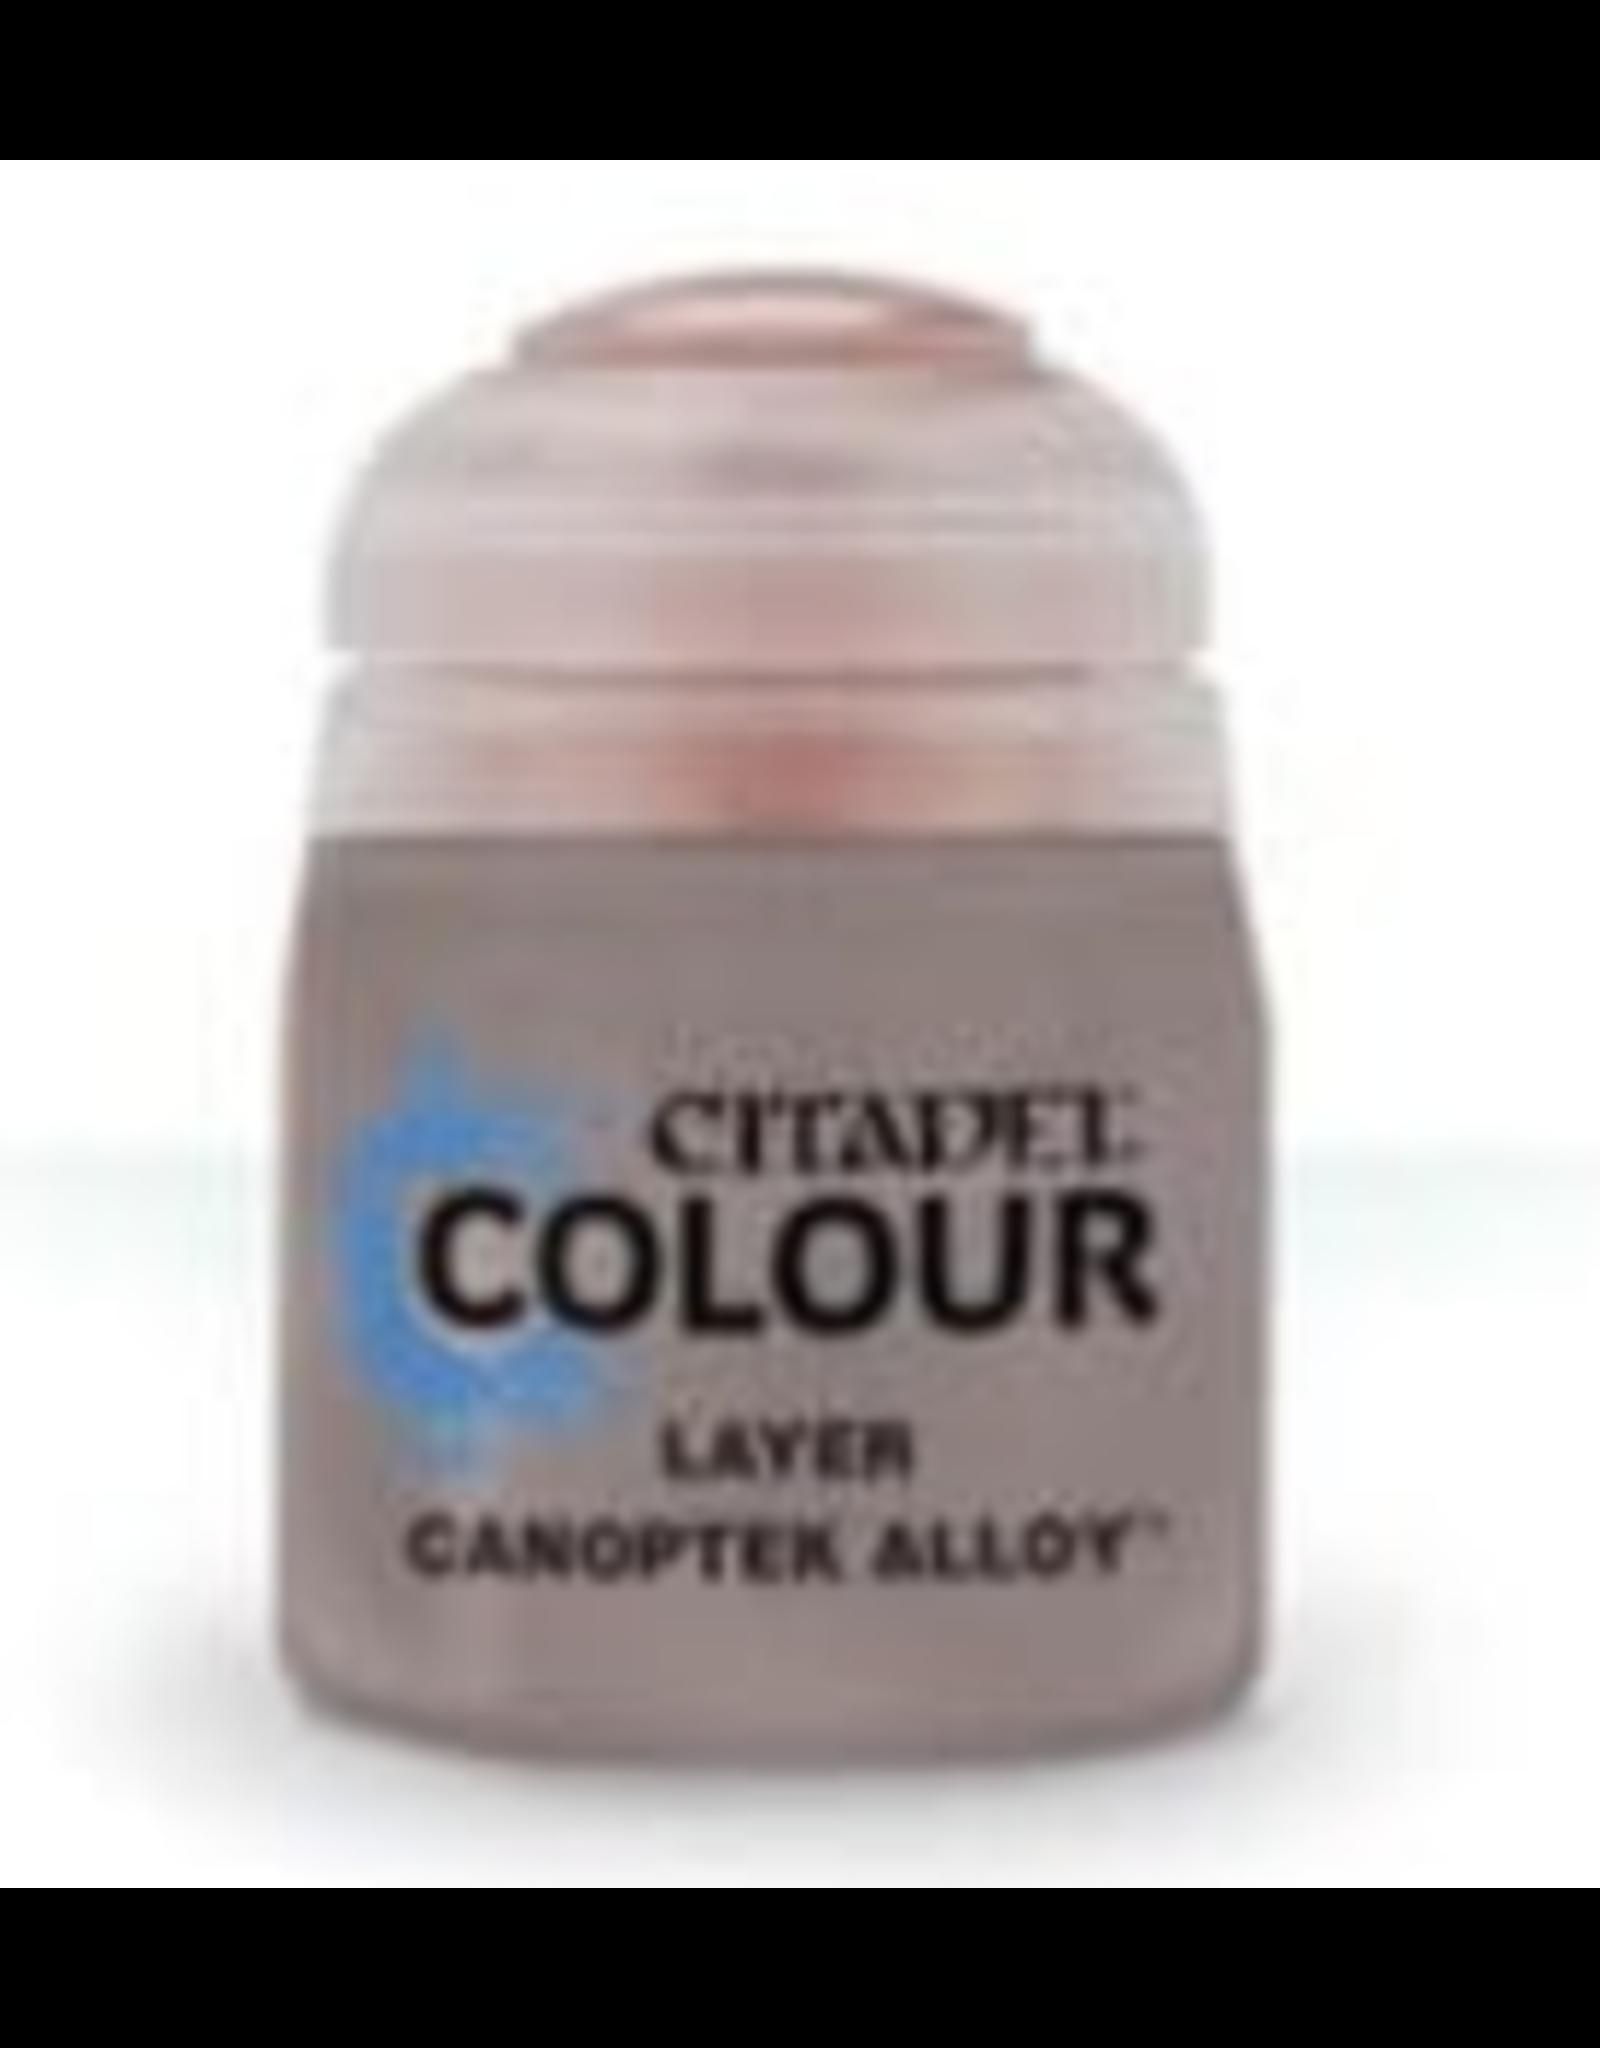 Citadel Citadel Paints: Layer: Canoptek Alloy (12Ml)